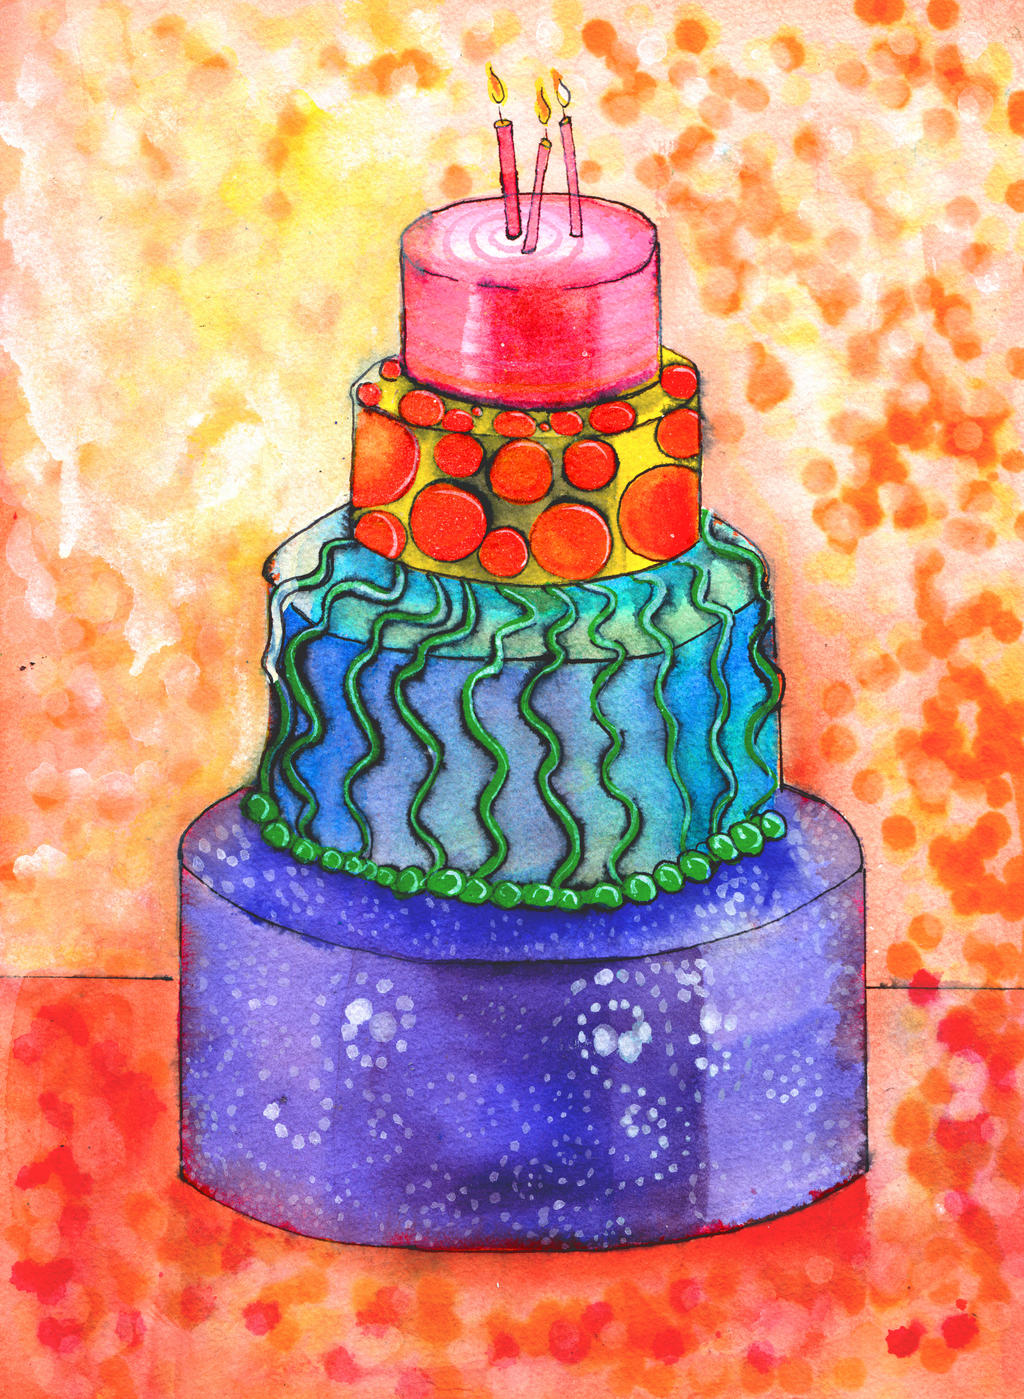 Cake by jenthestrawberry